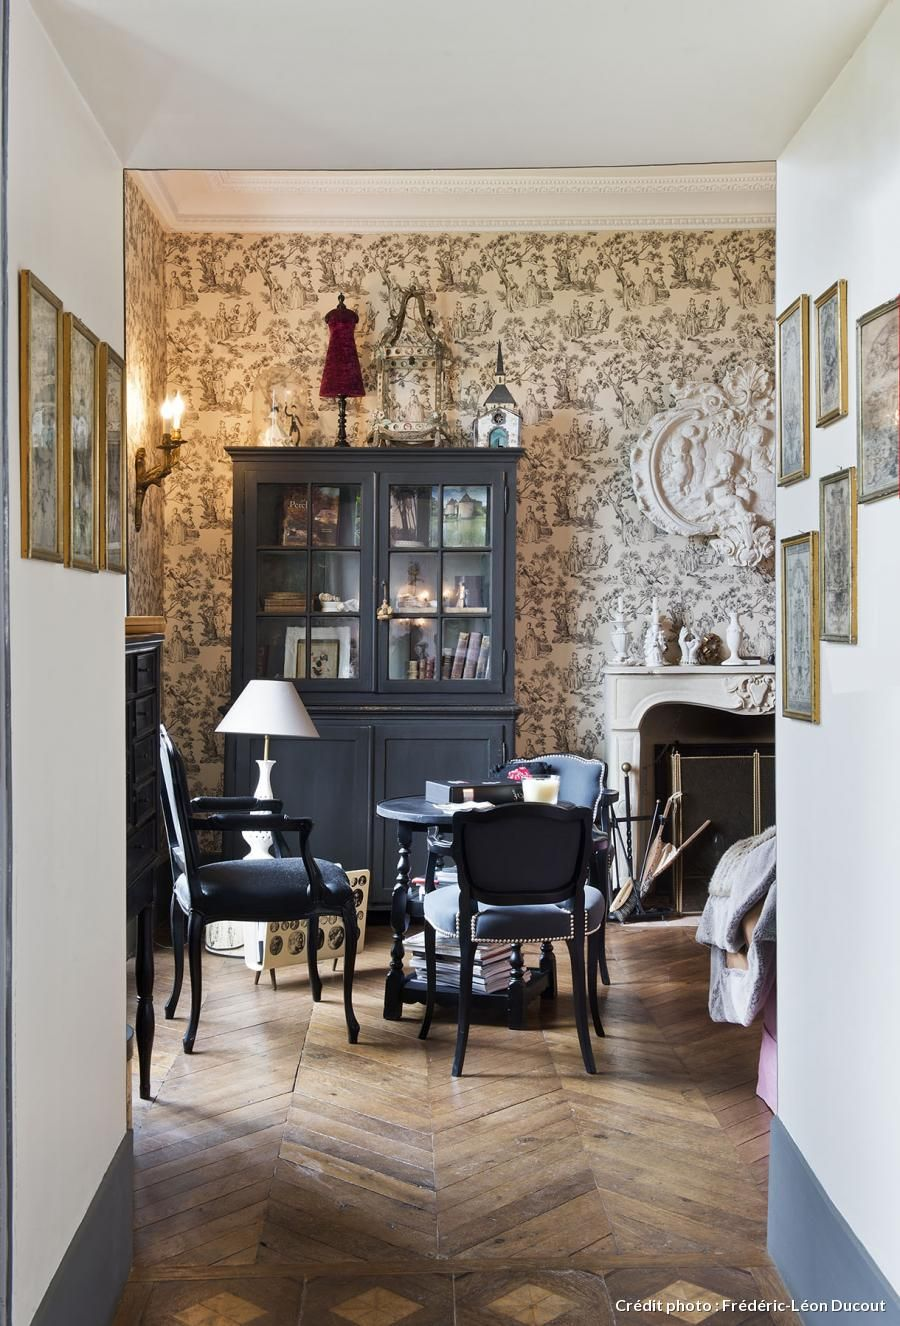 la maison de campagne de chantal thomass. Black Bedroom Furniture Sets. Home Design Ideas